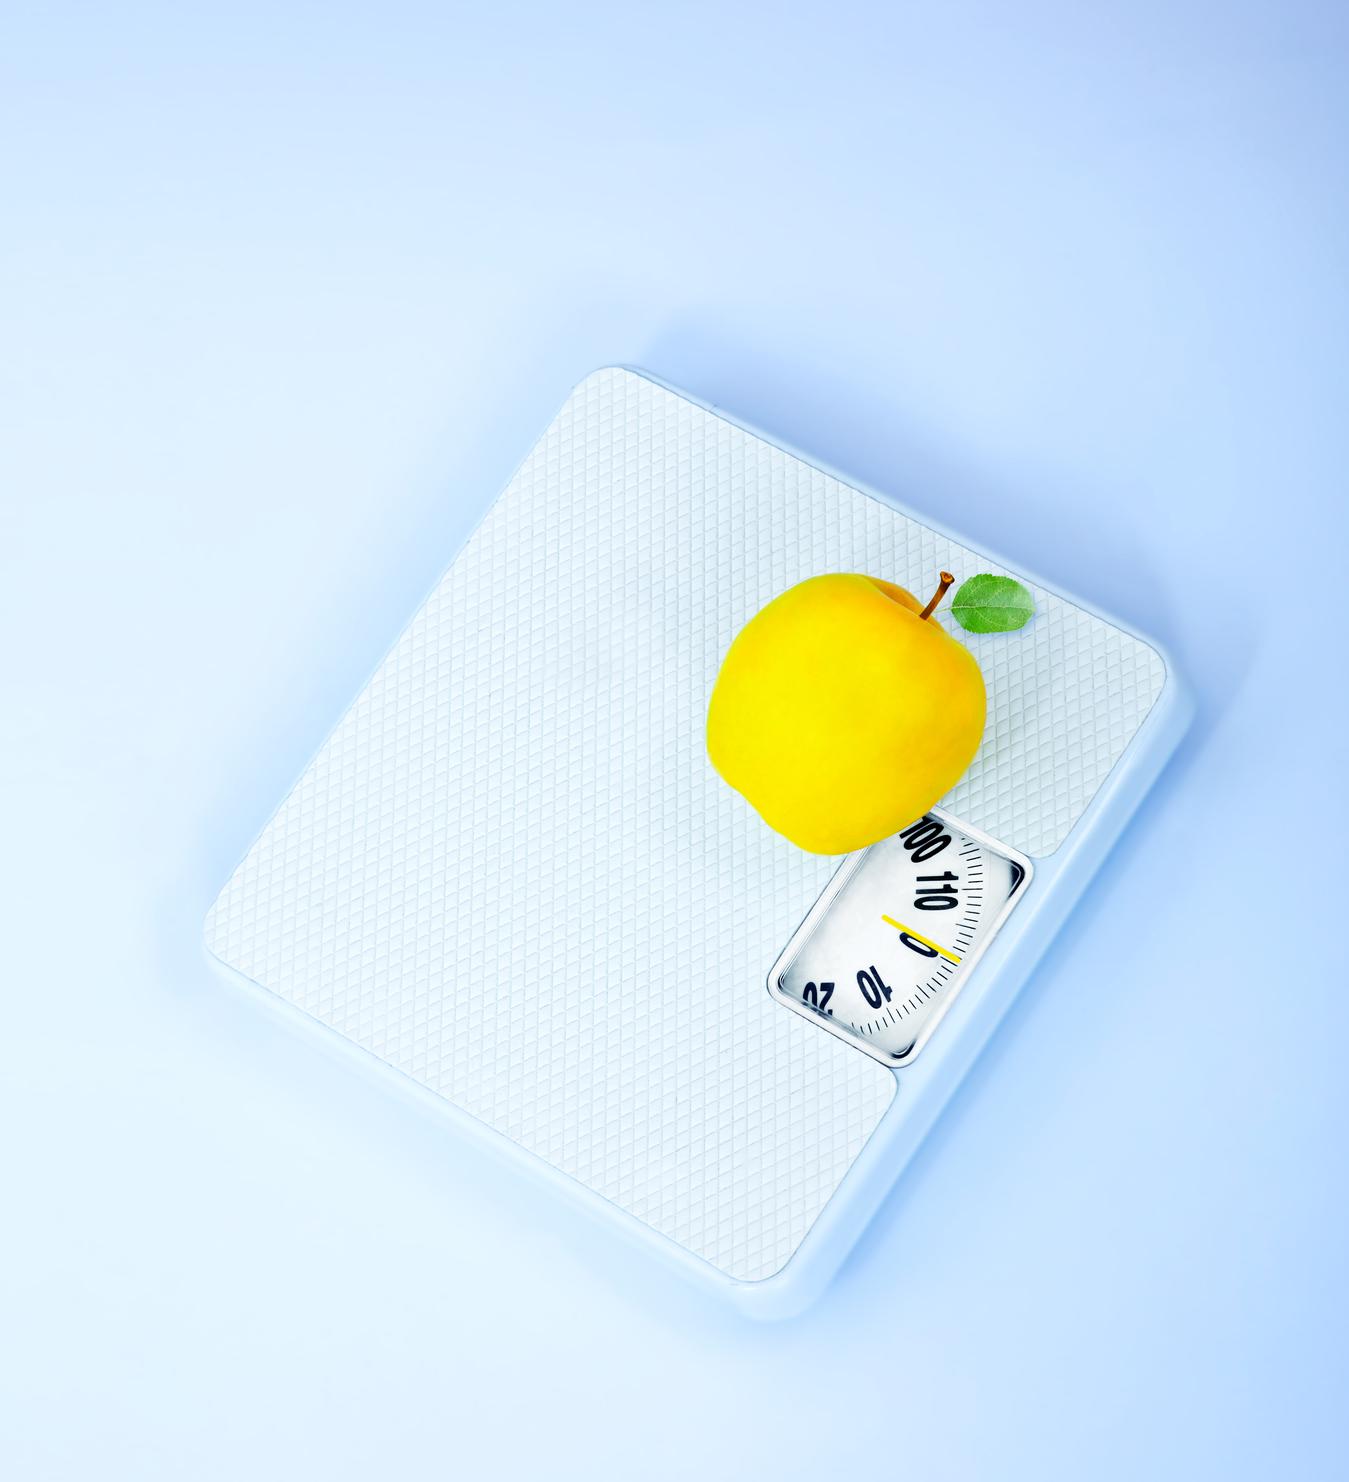 как считать калории чтобы похудеть по весу